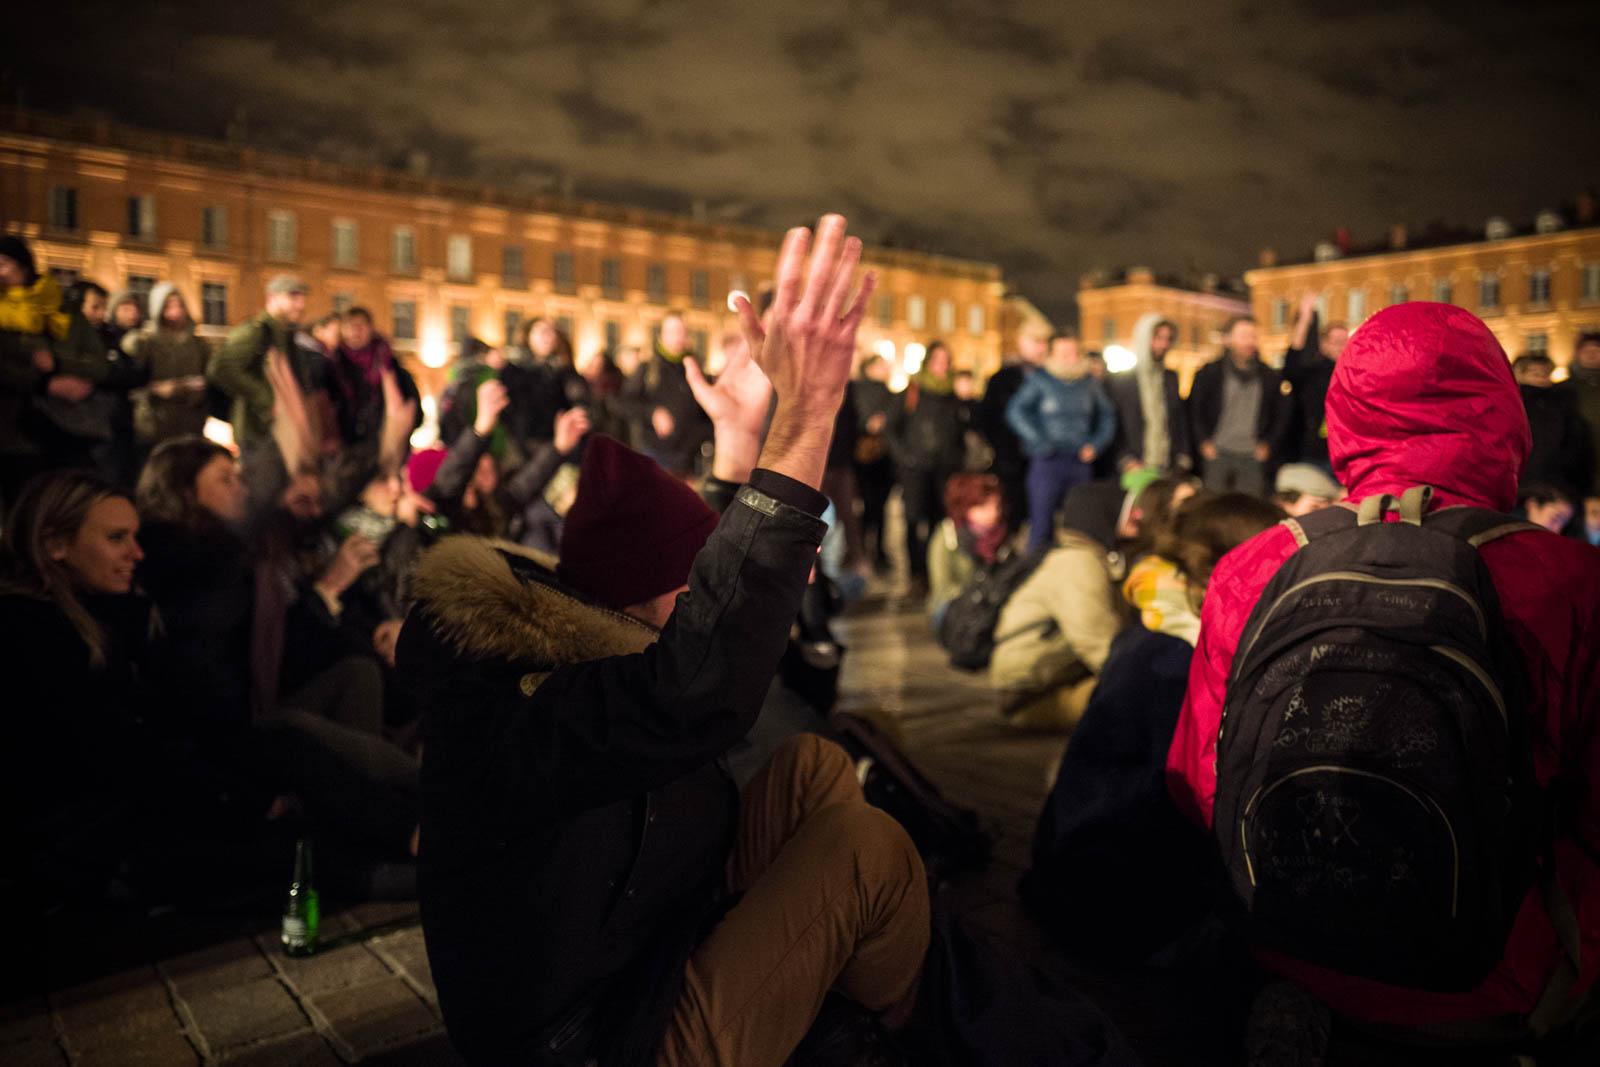 Un homme léve les mains en signe d'approbation lors du rassemblement NUIT DEBOUT sur la place du Capitole. Depuis le 31 mars des personnes se sont installées sur différentes grandes places dans des villes de l'hexagone la nuit.  Ces rassemblements pacifiques, appellés NUIT DEBOUT sont ouverts et populaires, ils visent à réinvestir l'espace public pour échanger, débattre et construire, la Place du Capitole est occupée depuis le 5 avril. 8/04/2016, Toulouse-France.